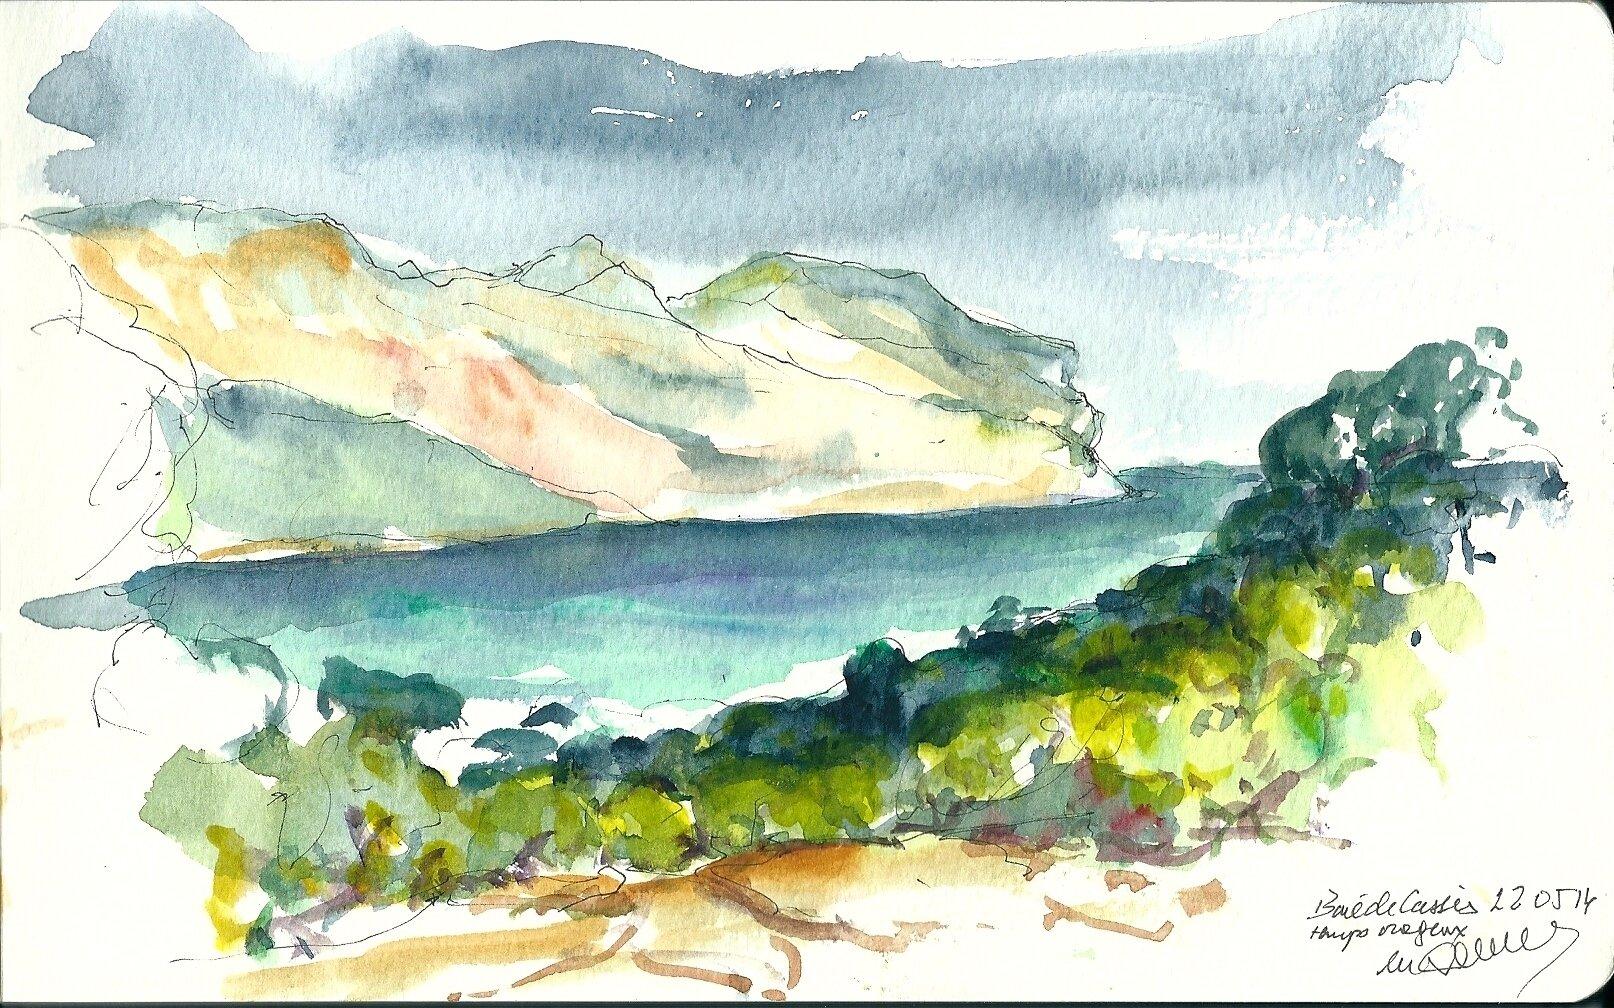 Calanque de Cassis Port Biou